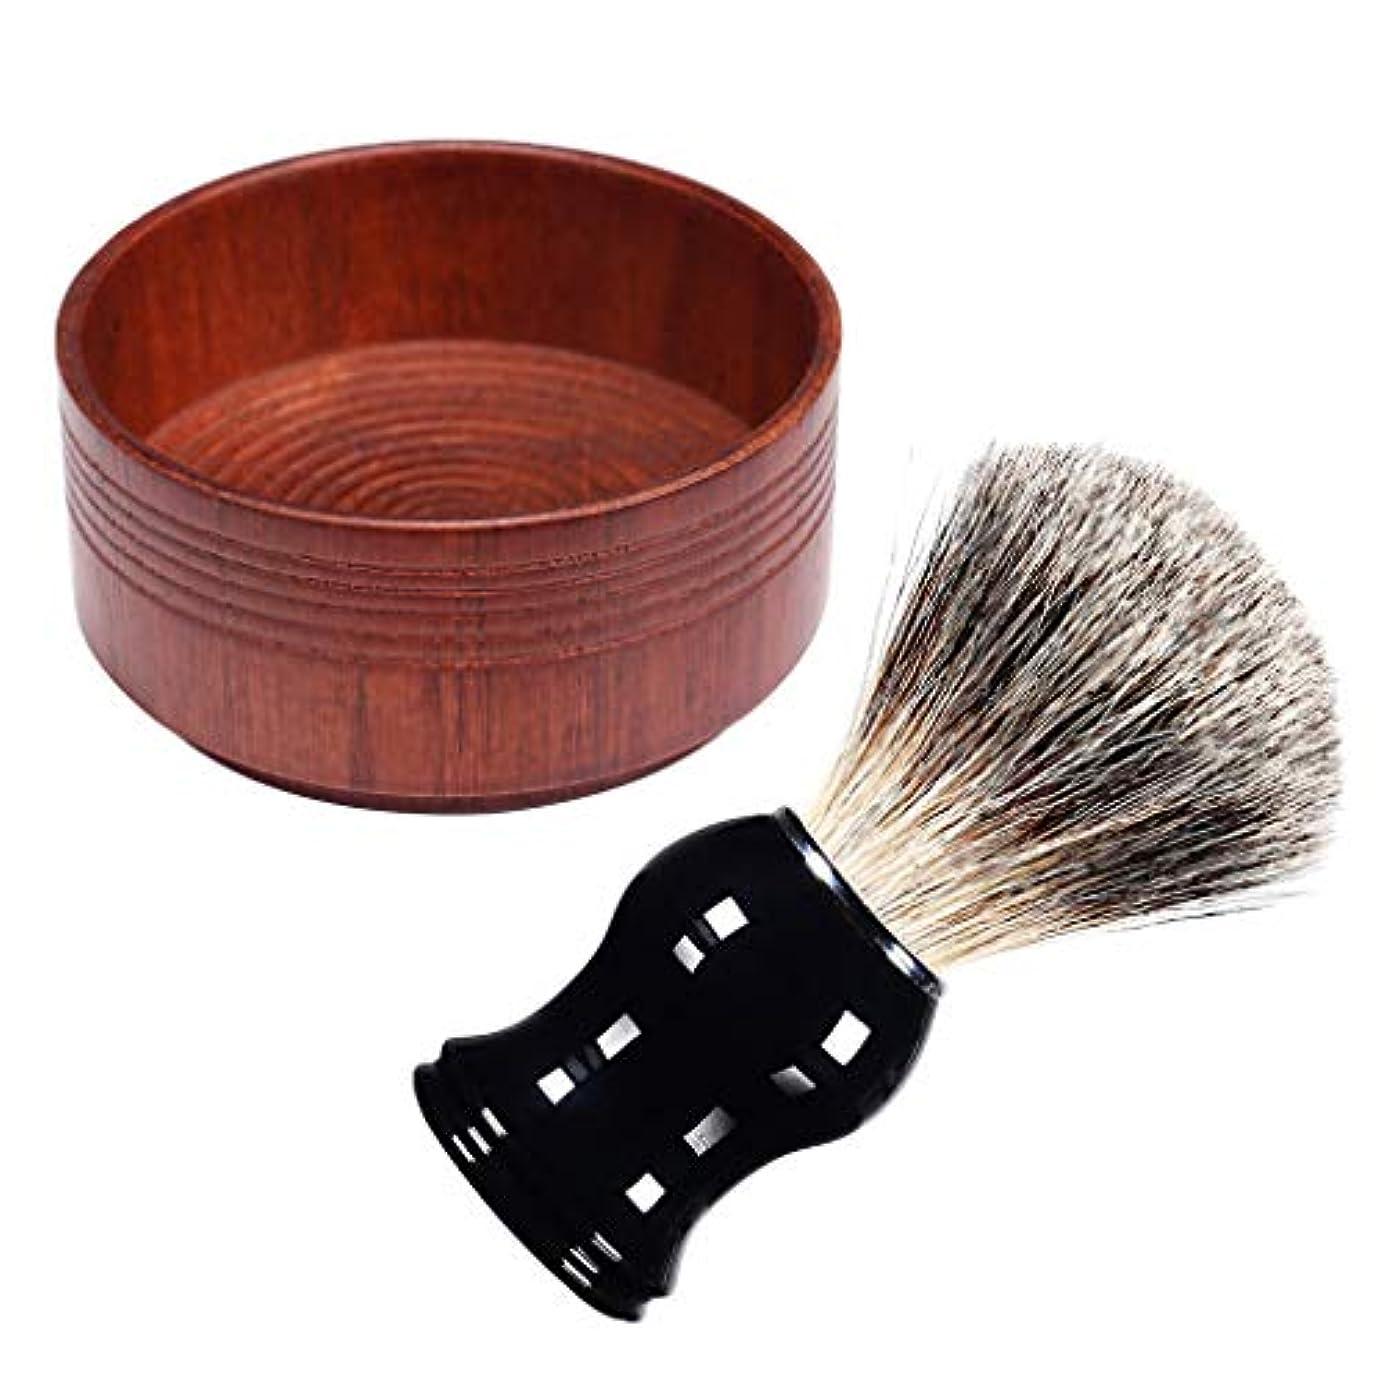 法廷壊すブロッサムPerfeclan シェービングブラシ シェービングボウル メンズ用 理容 洗顔 髭剃り メンズ 実用的 全3スタイル - 02, 説明のとおり